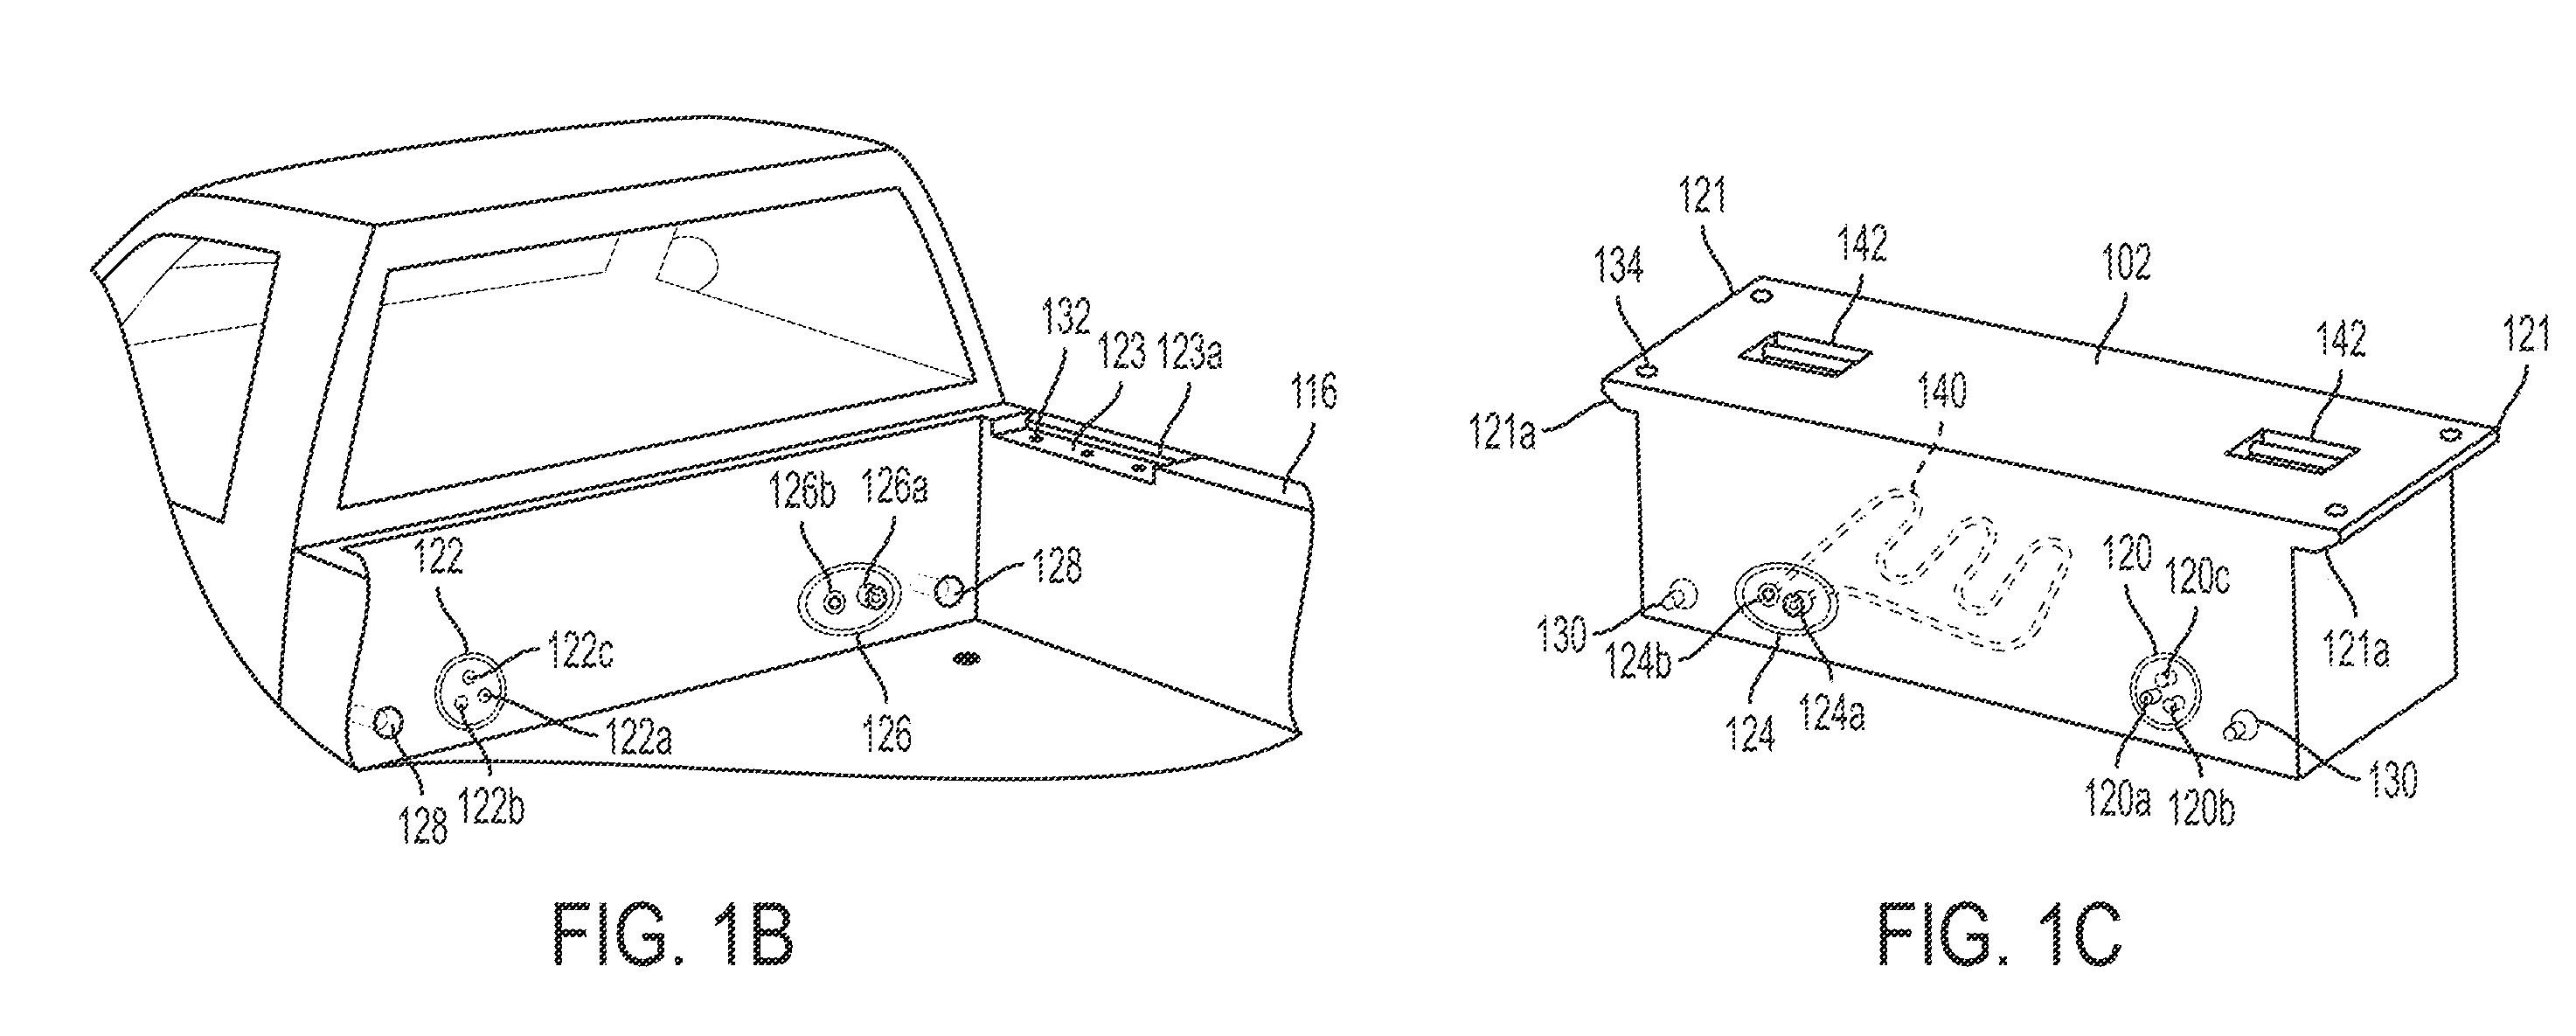 rivian-aux-battery-patent-5